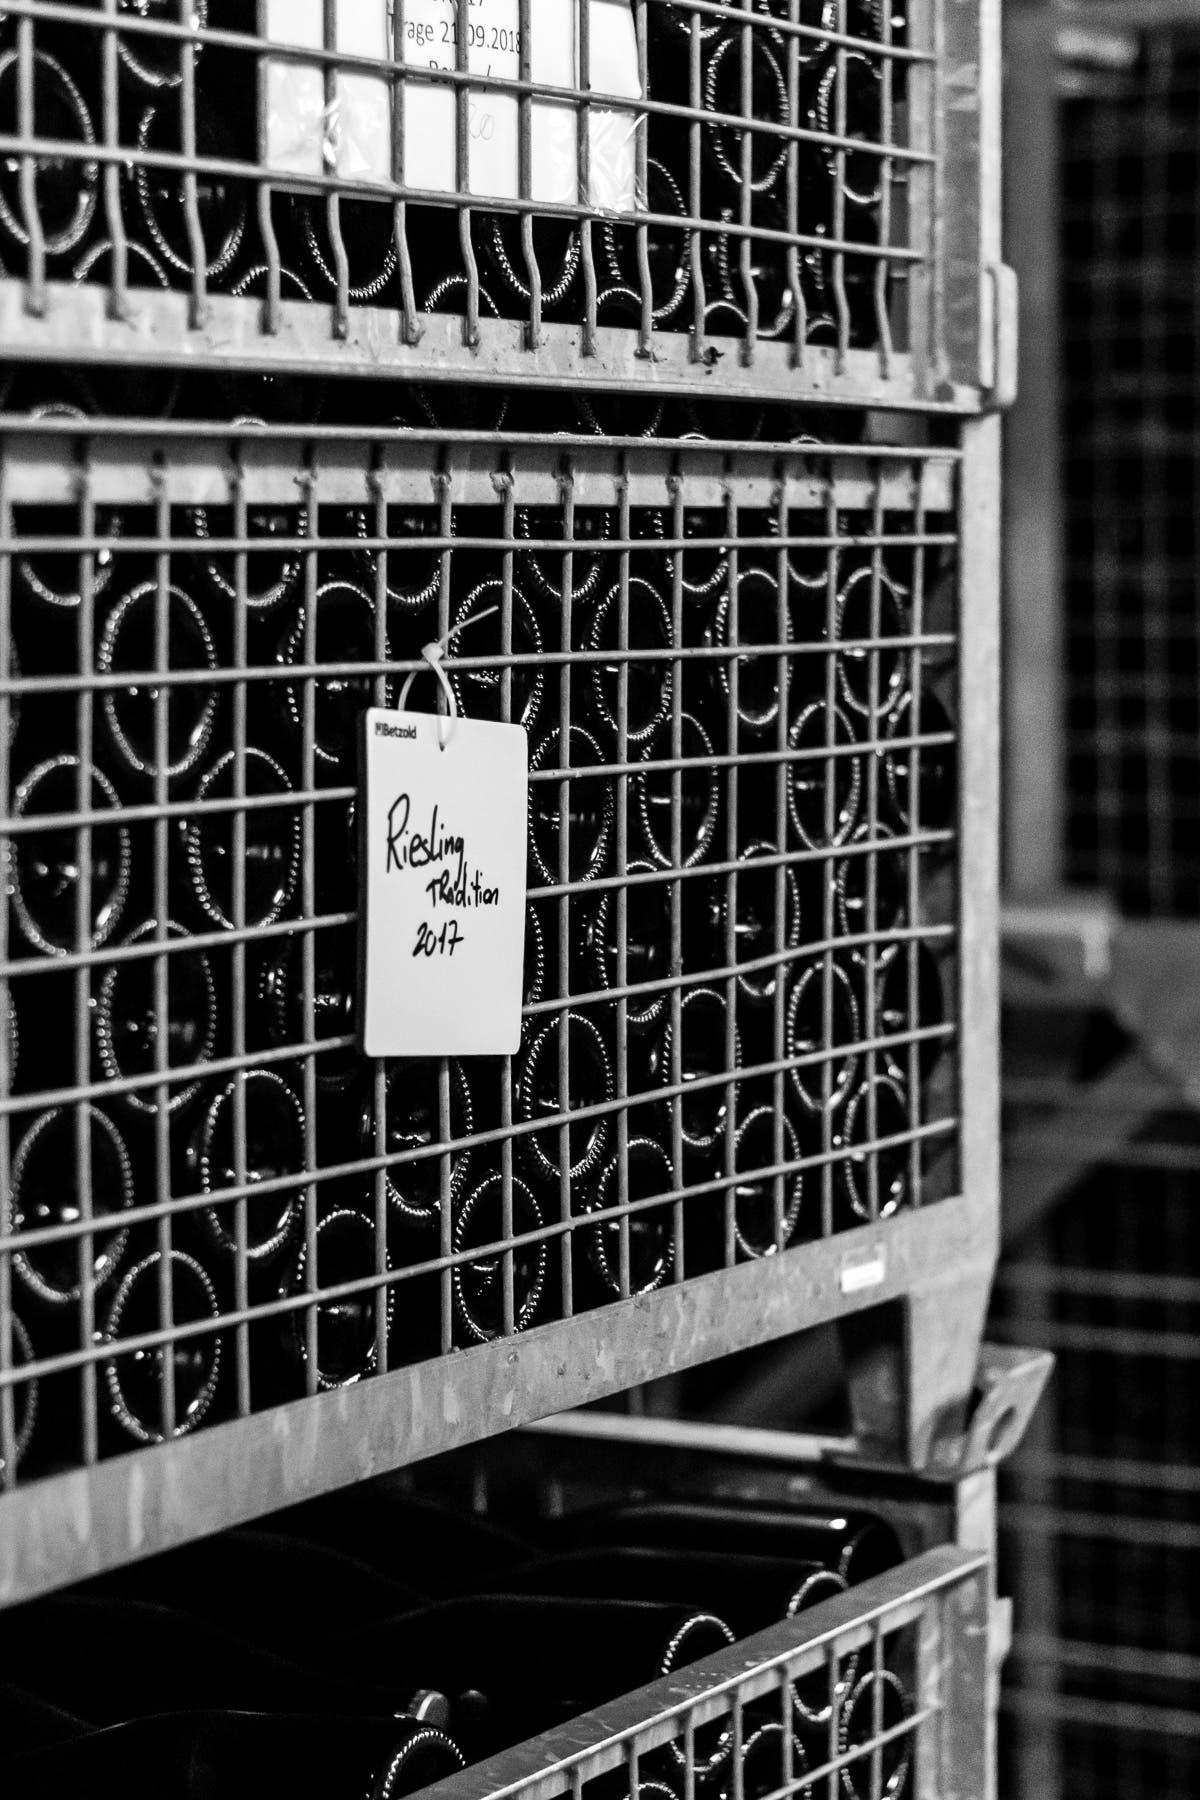 Gitterregal mit liegend gelagerten Glasflaschen.